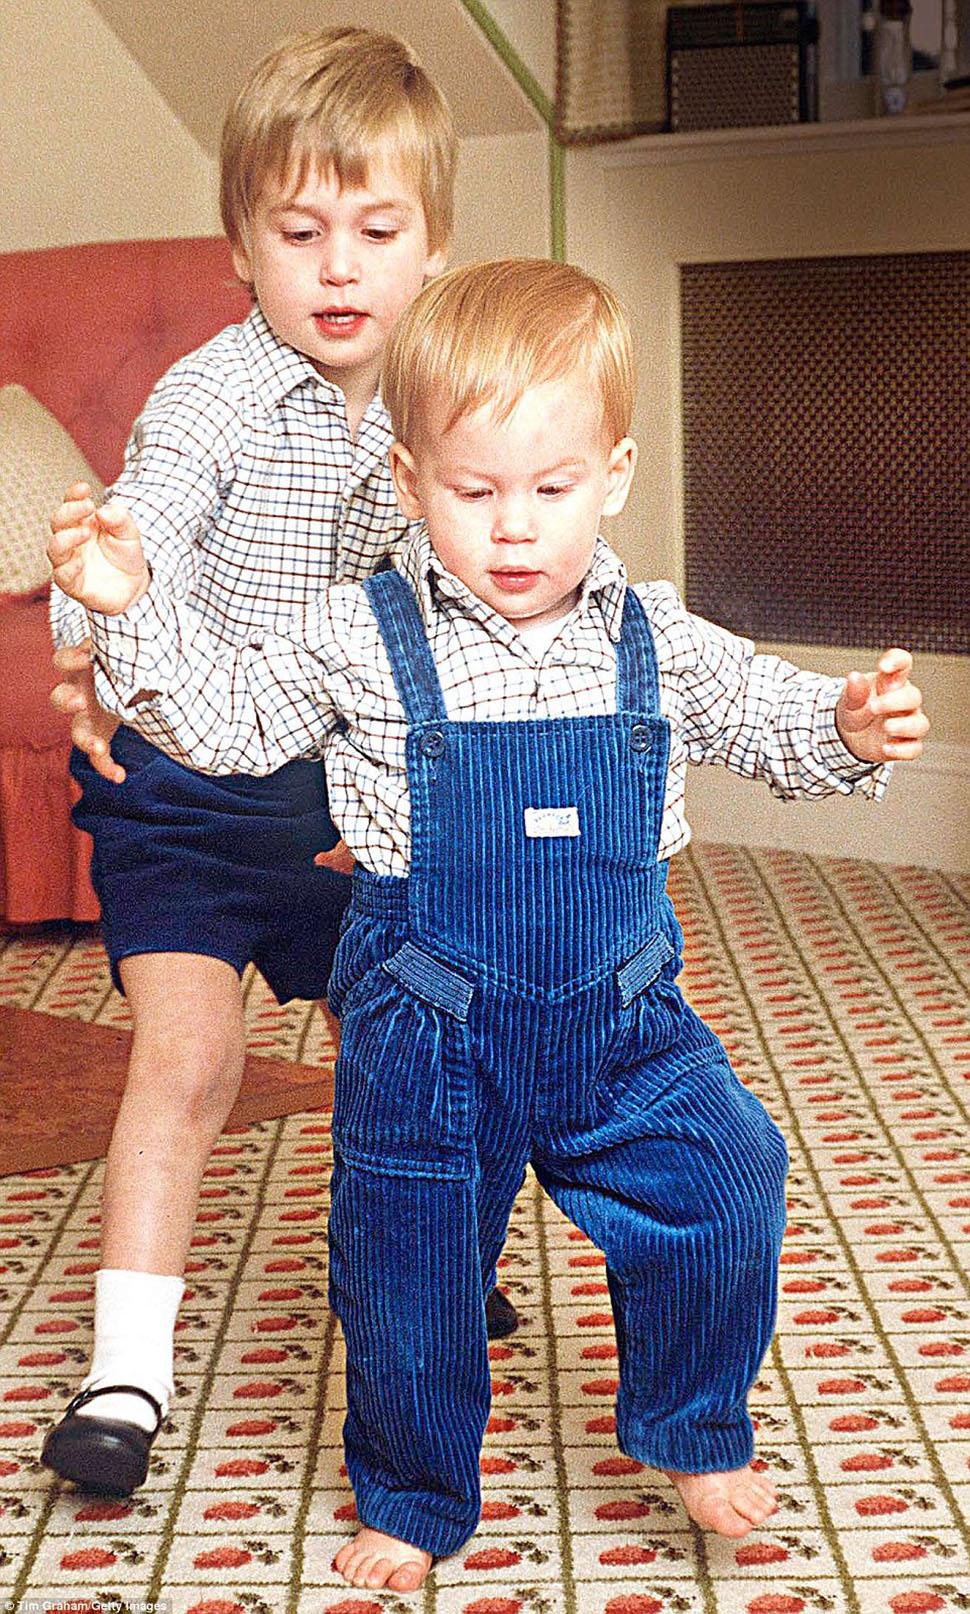 Принц Гарри делает первые шаги при помощи брата Уильяма.